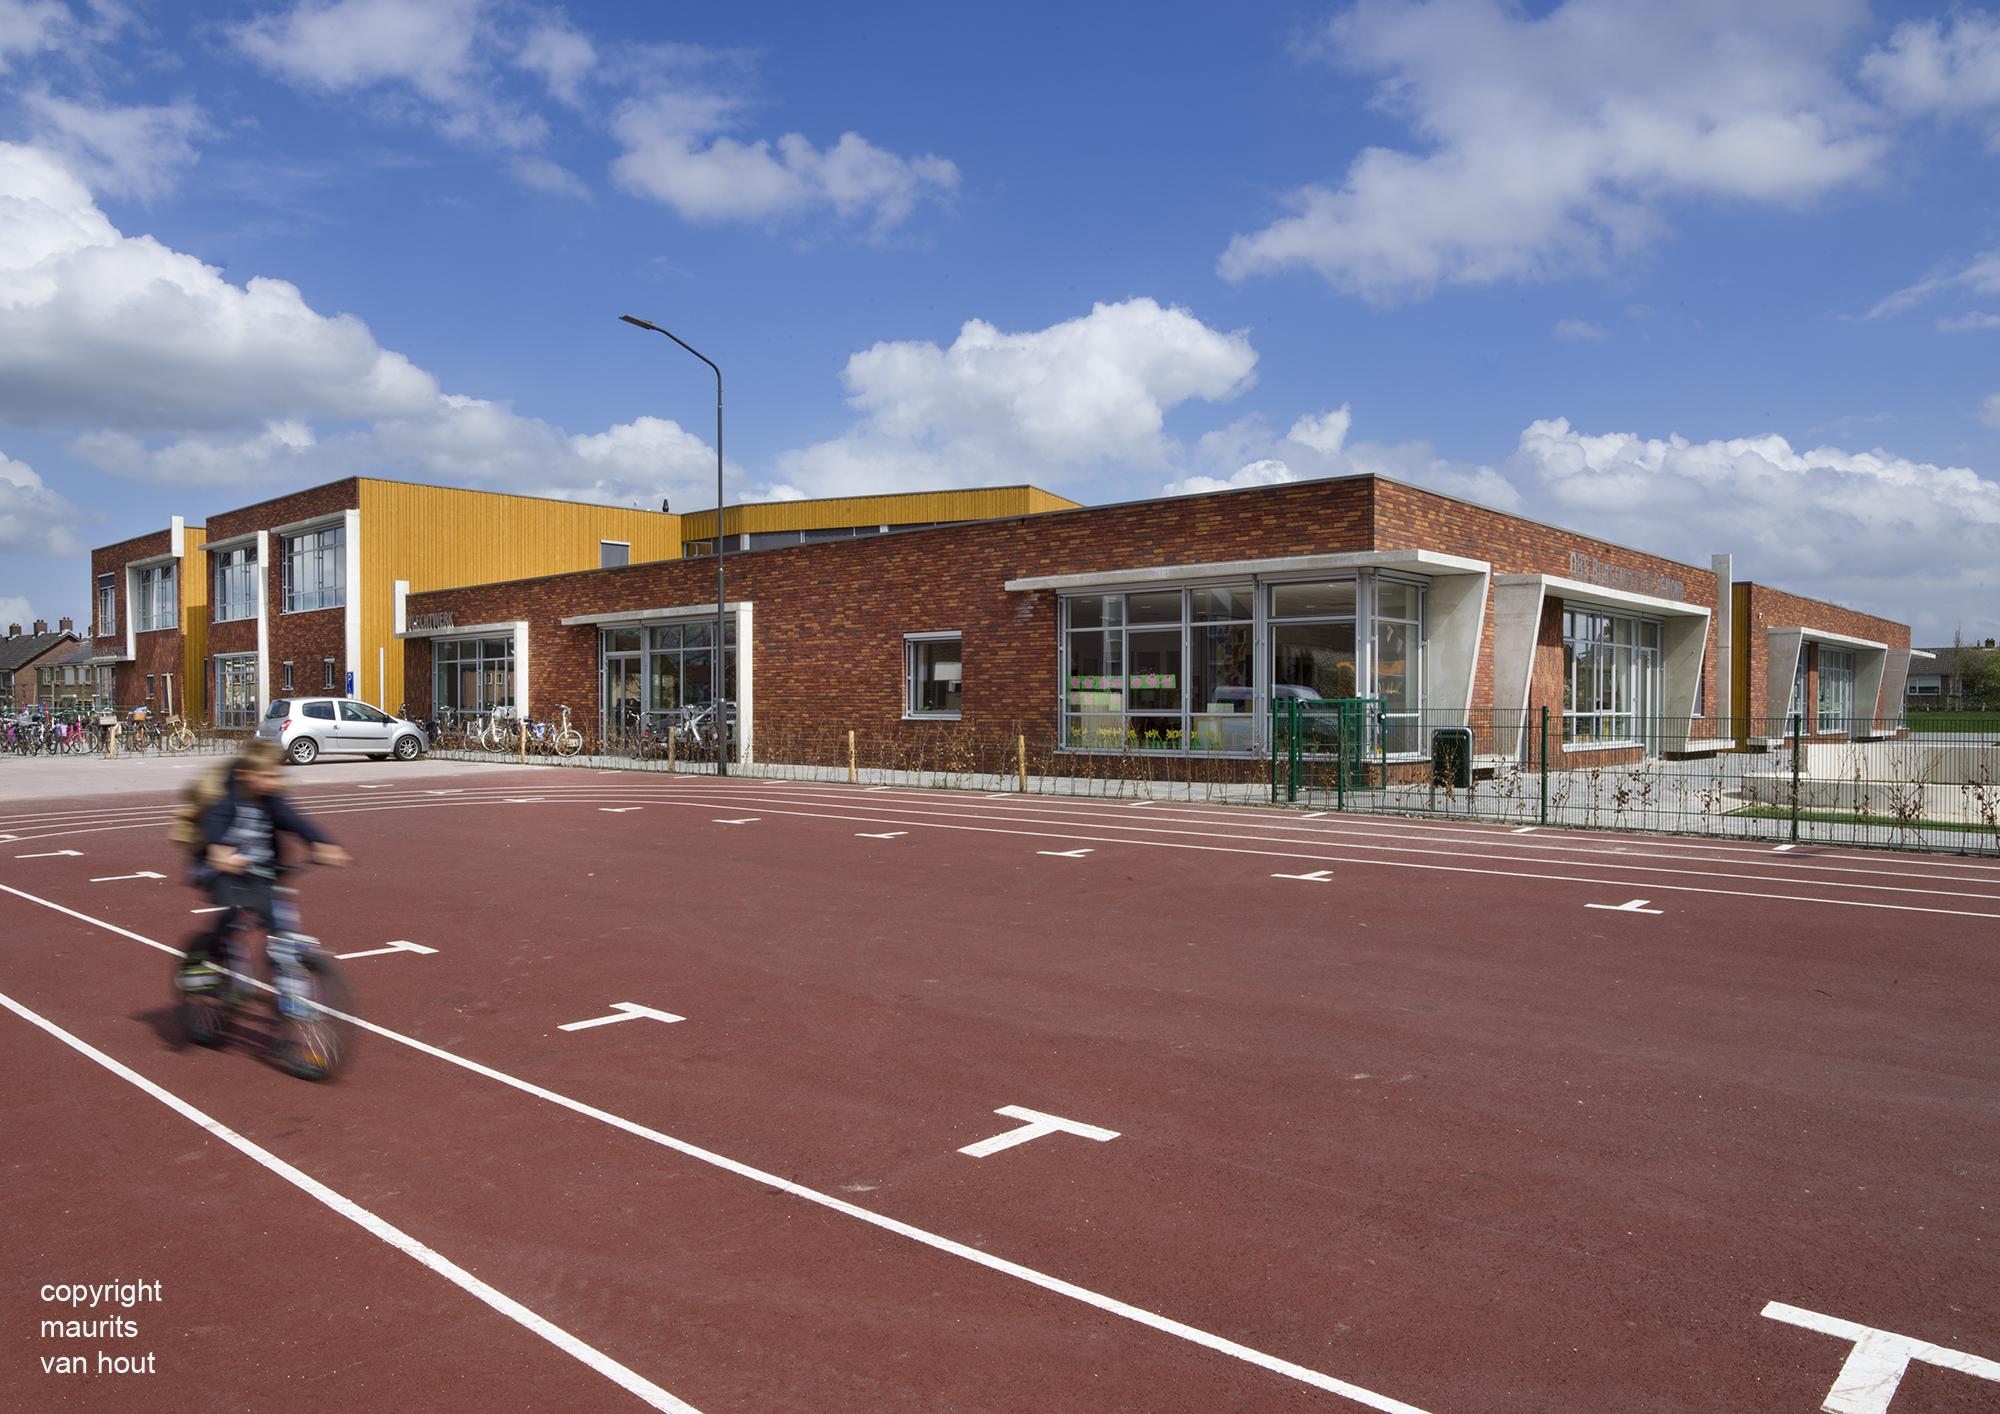 Voorbeeld van architectuurfotografie door fotograaf maurits van hout uit Rijswijk bij Den Haag